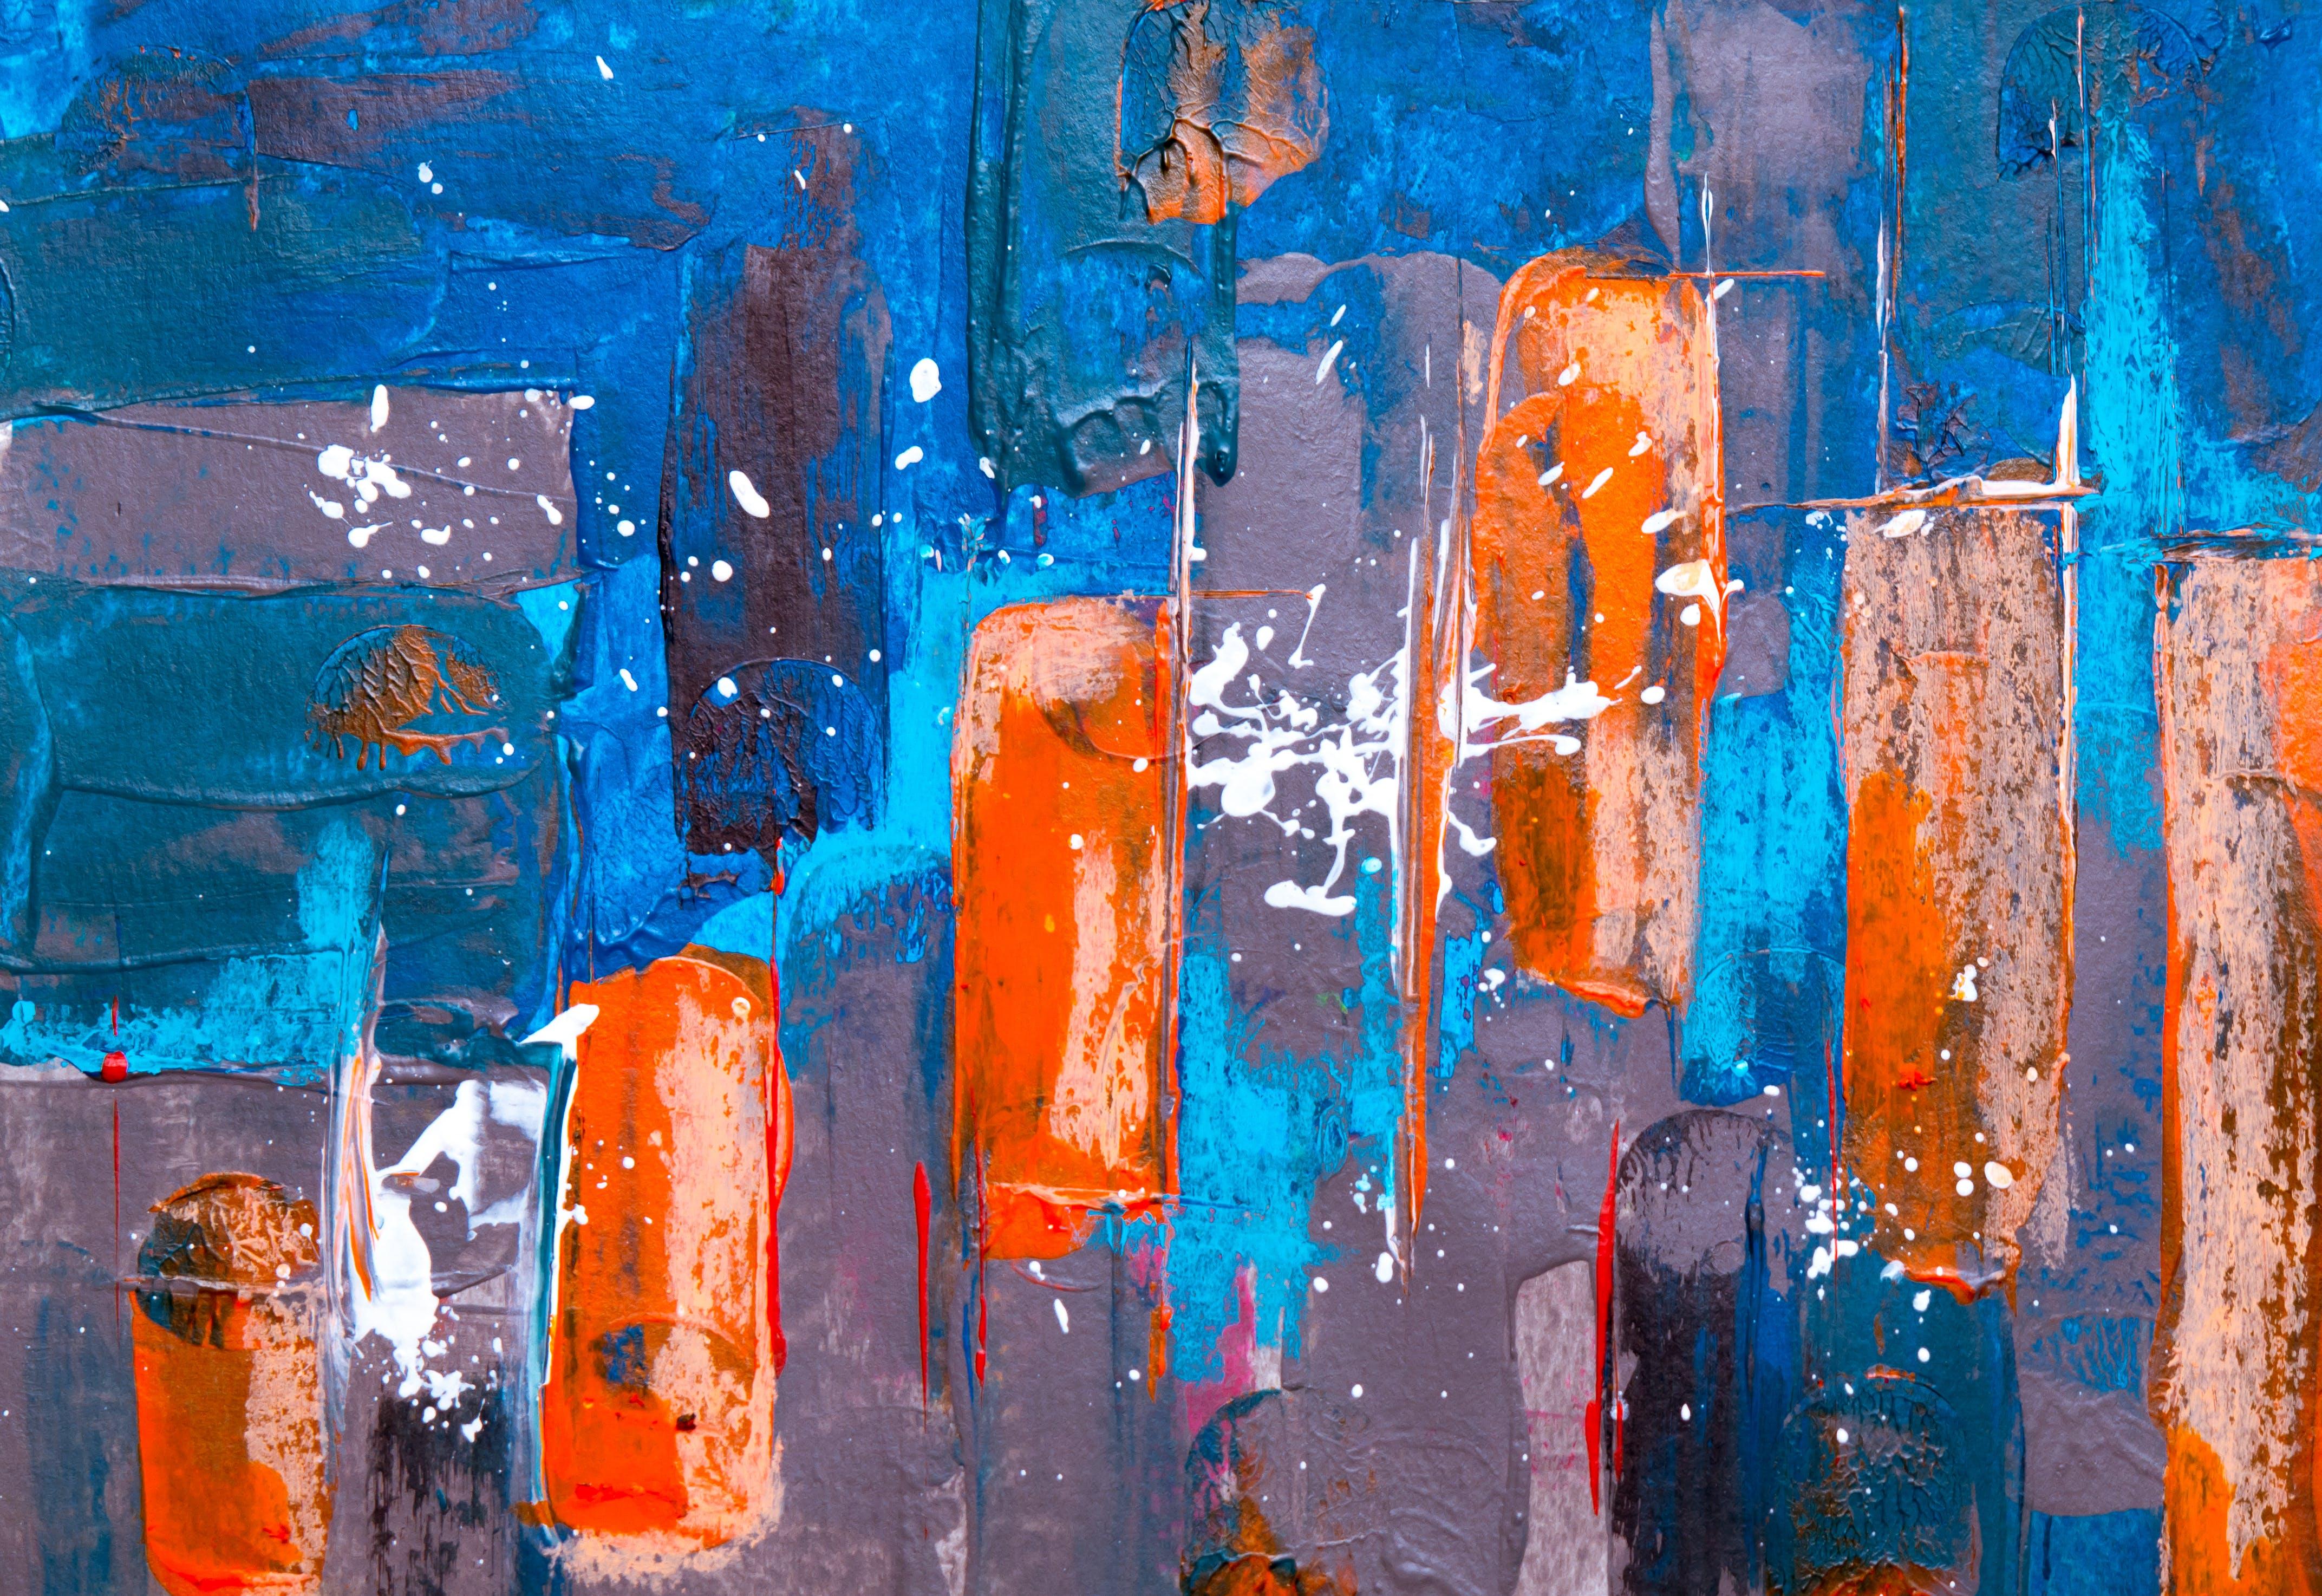 artistik, boya, boyama, branda içeren Ücretsiz stok fotoğraf